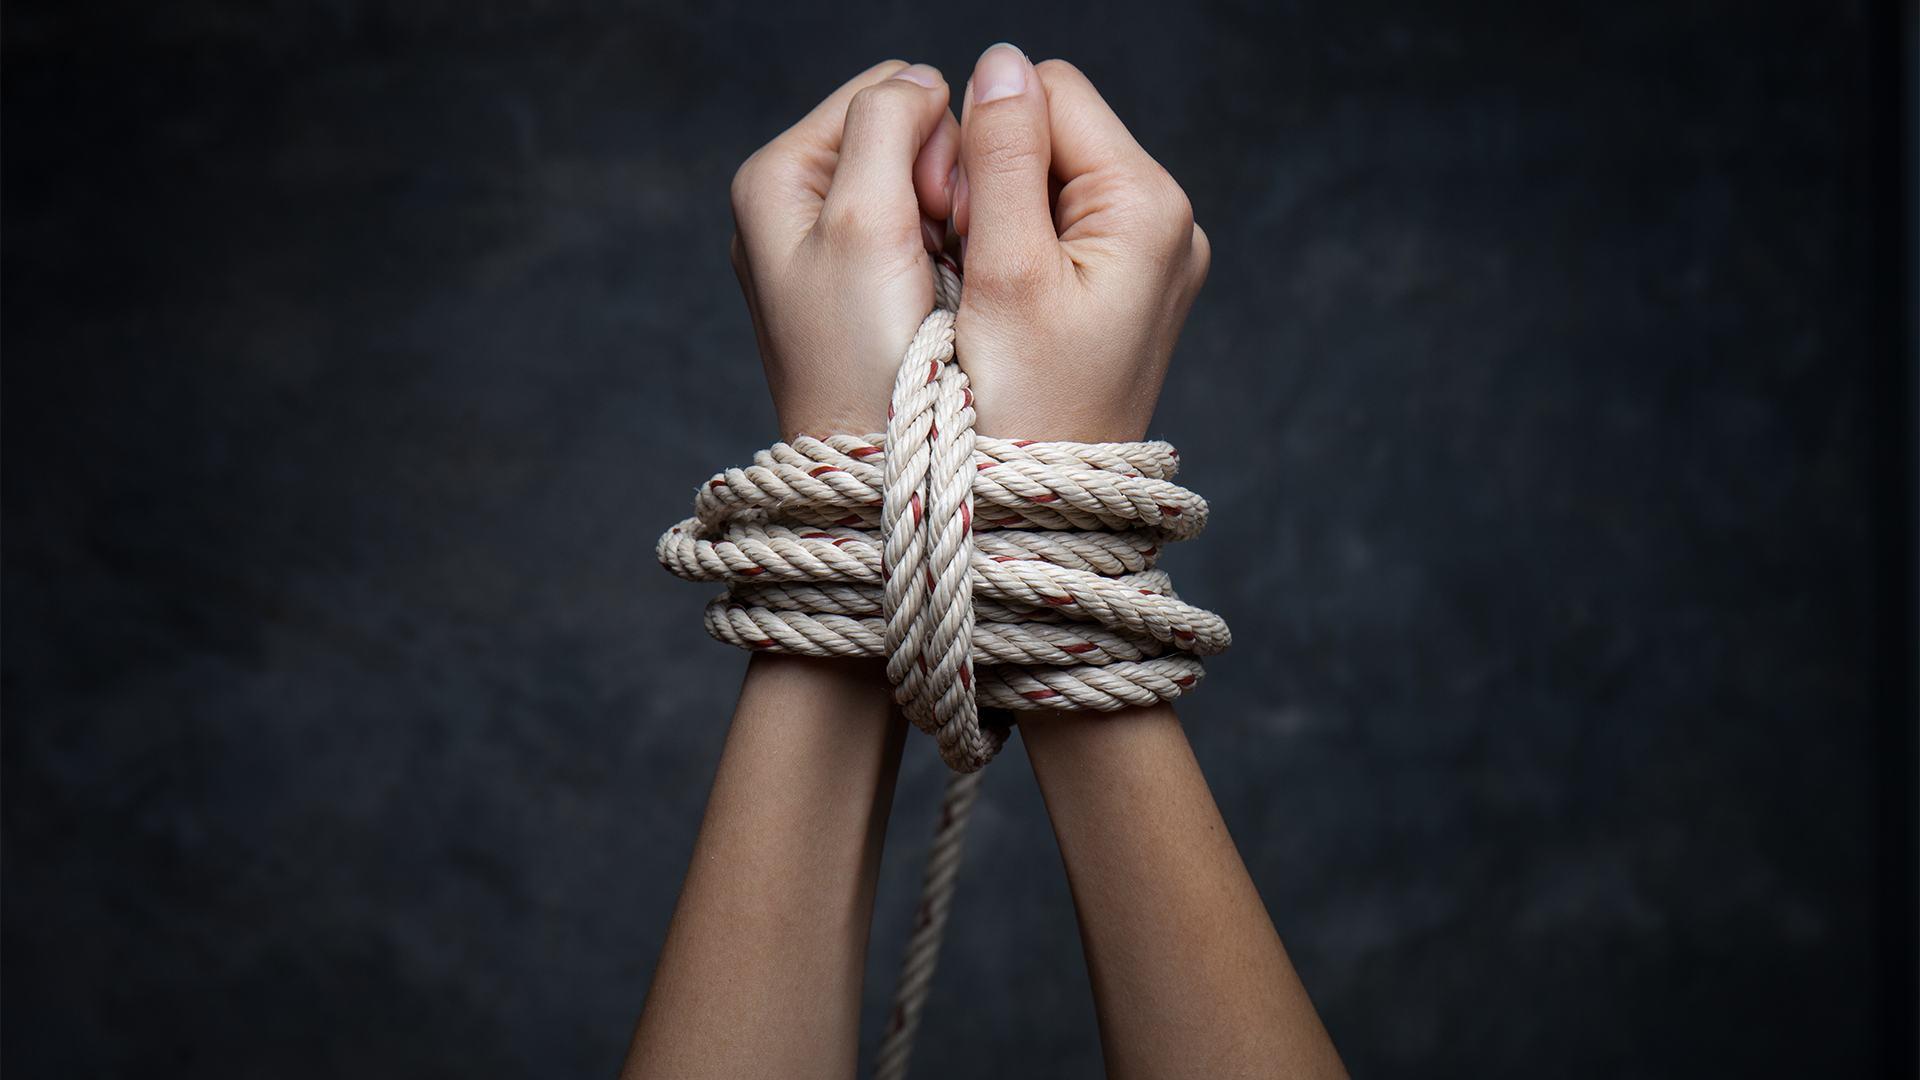 bondage-sex-abduction